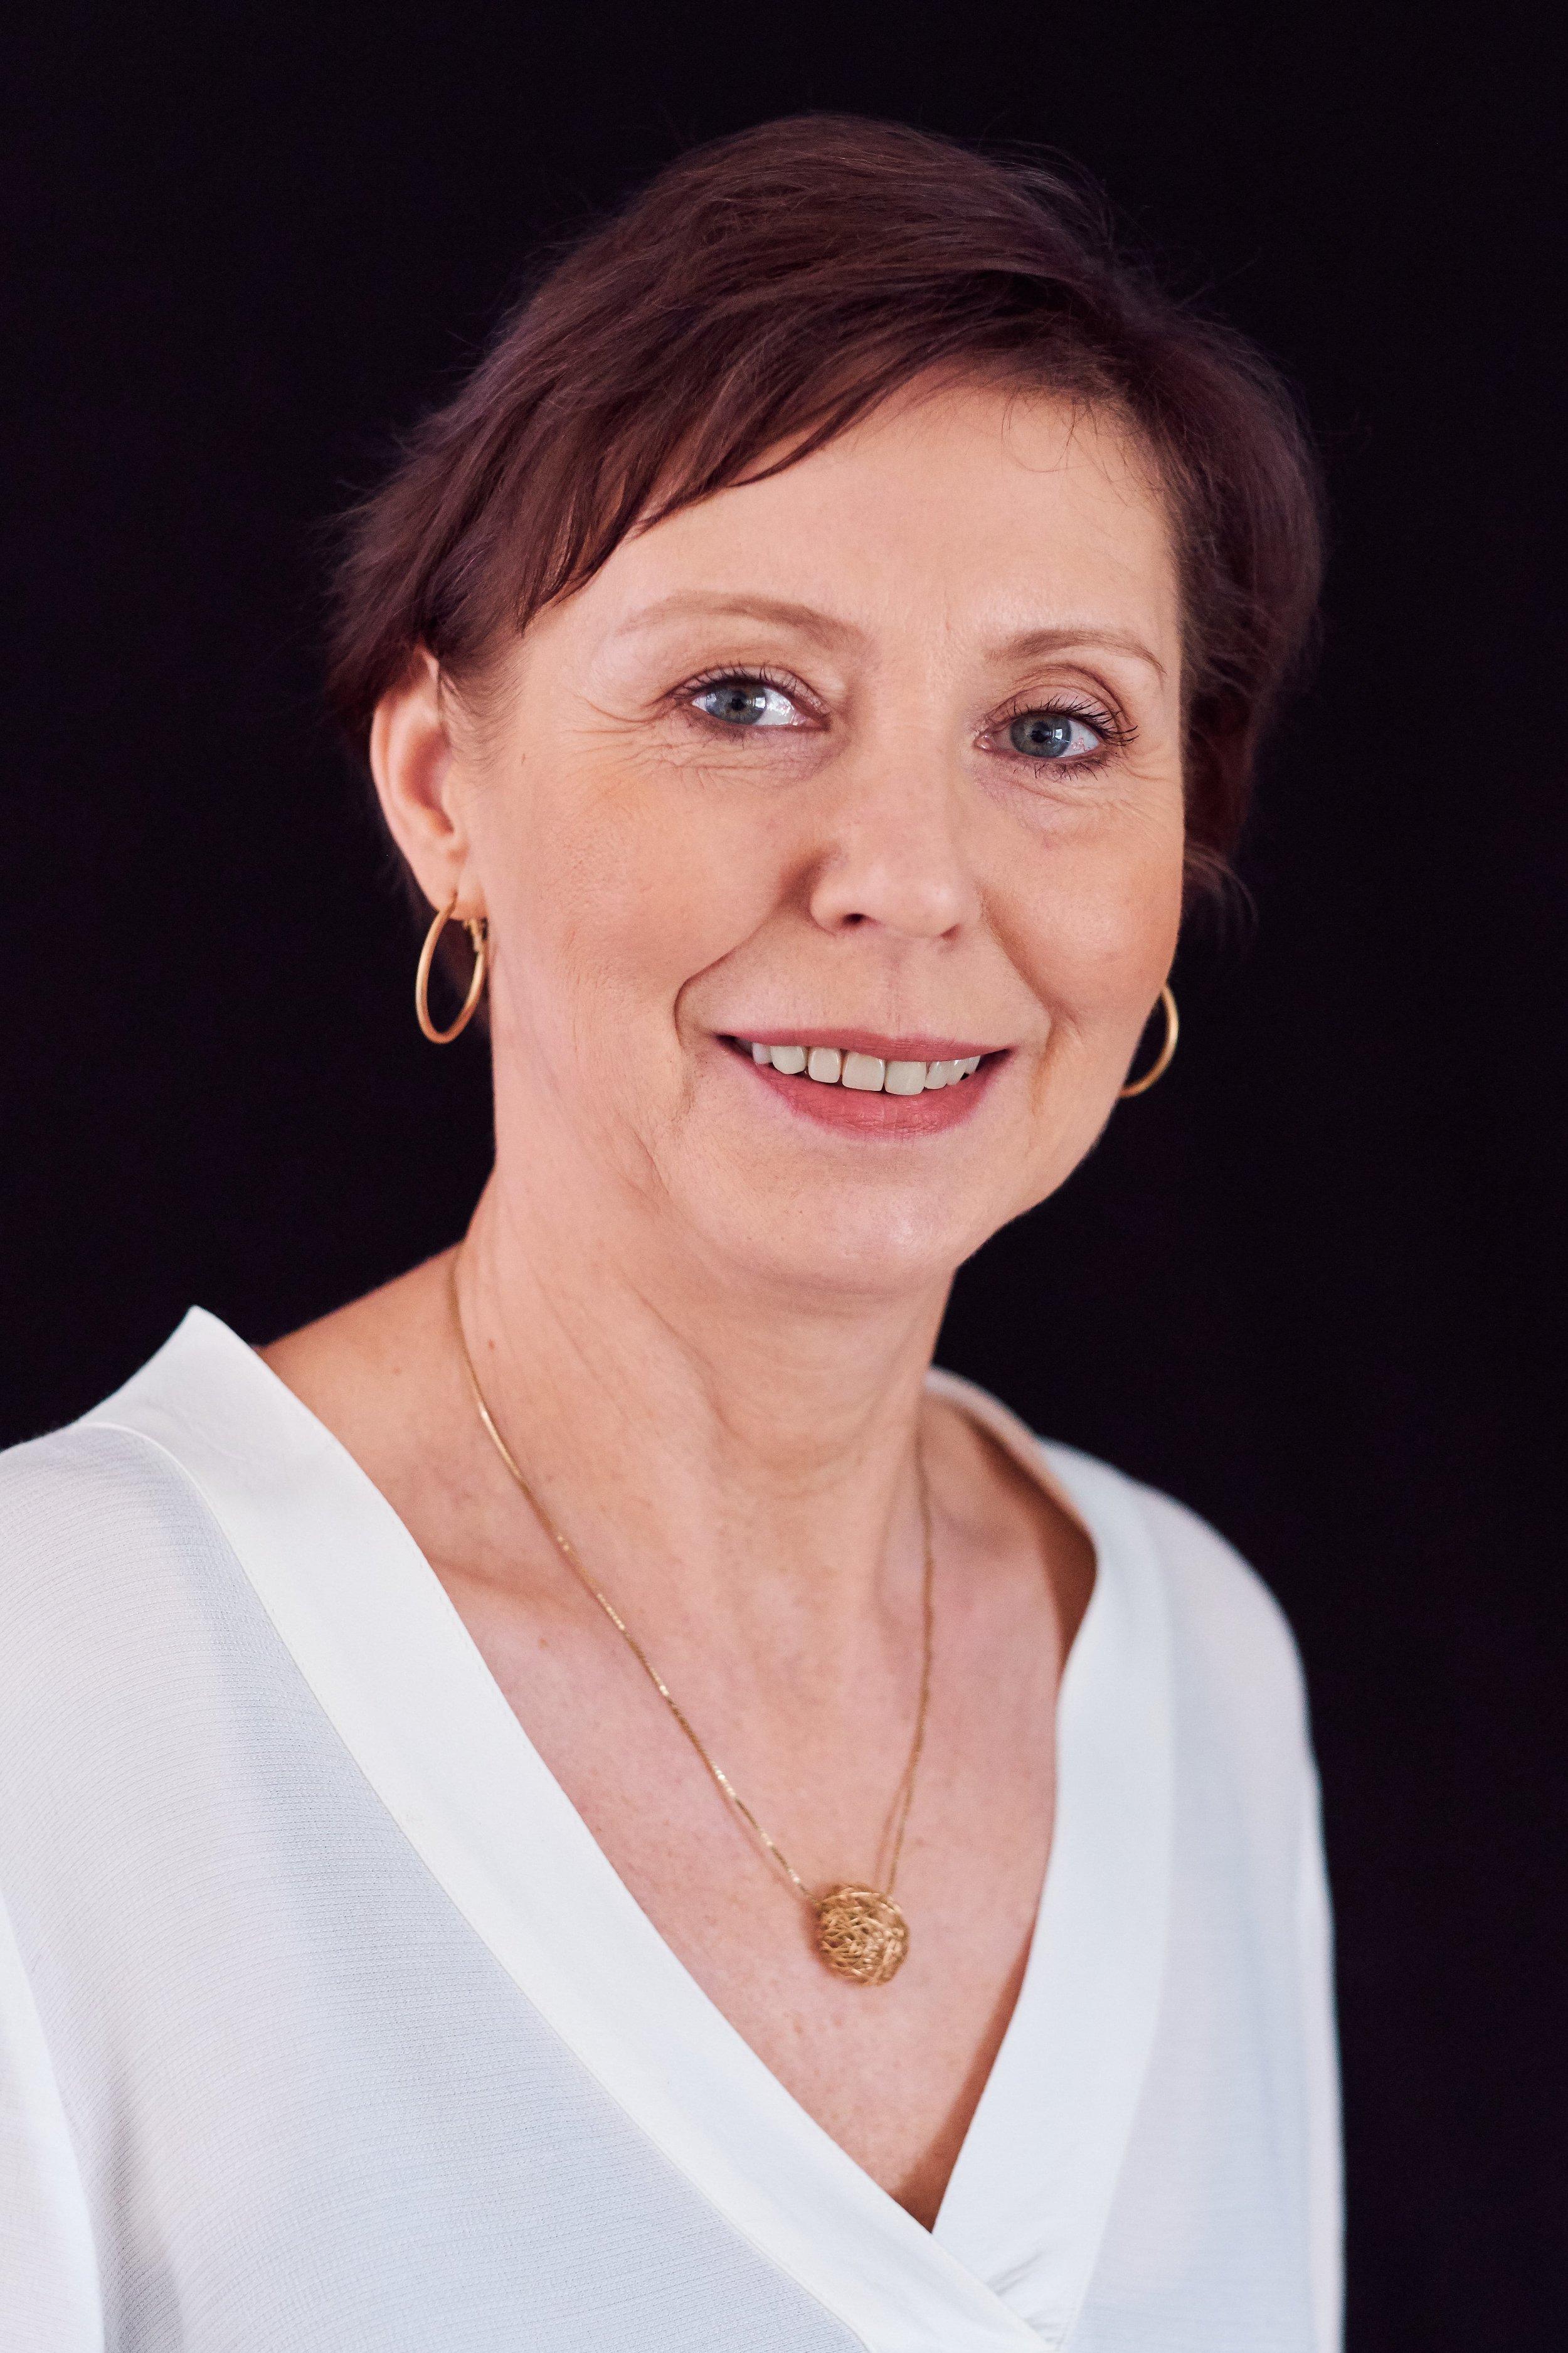 Eva Kuczowic - Augenoptikerin